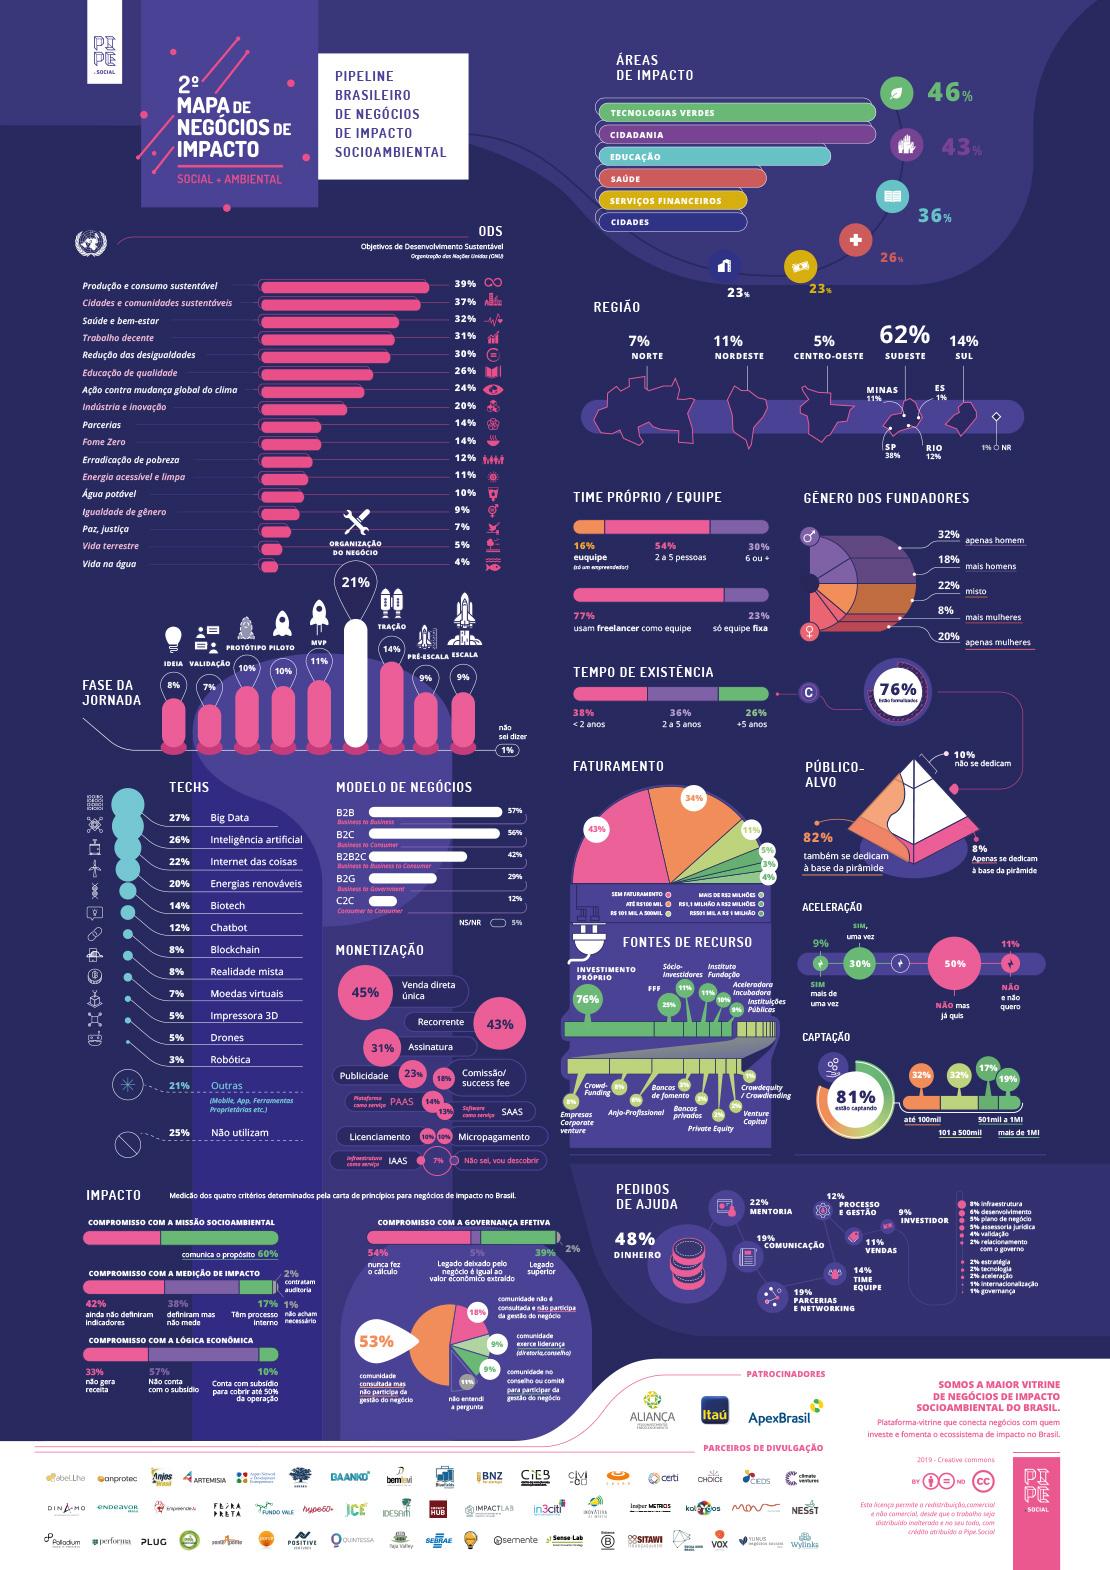 2º Mapa de Negócios de Impacto (2019)